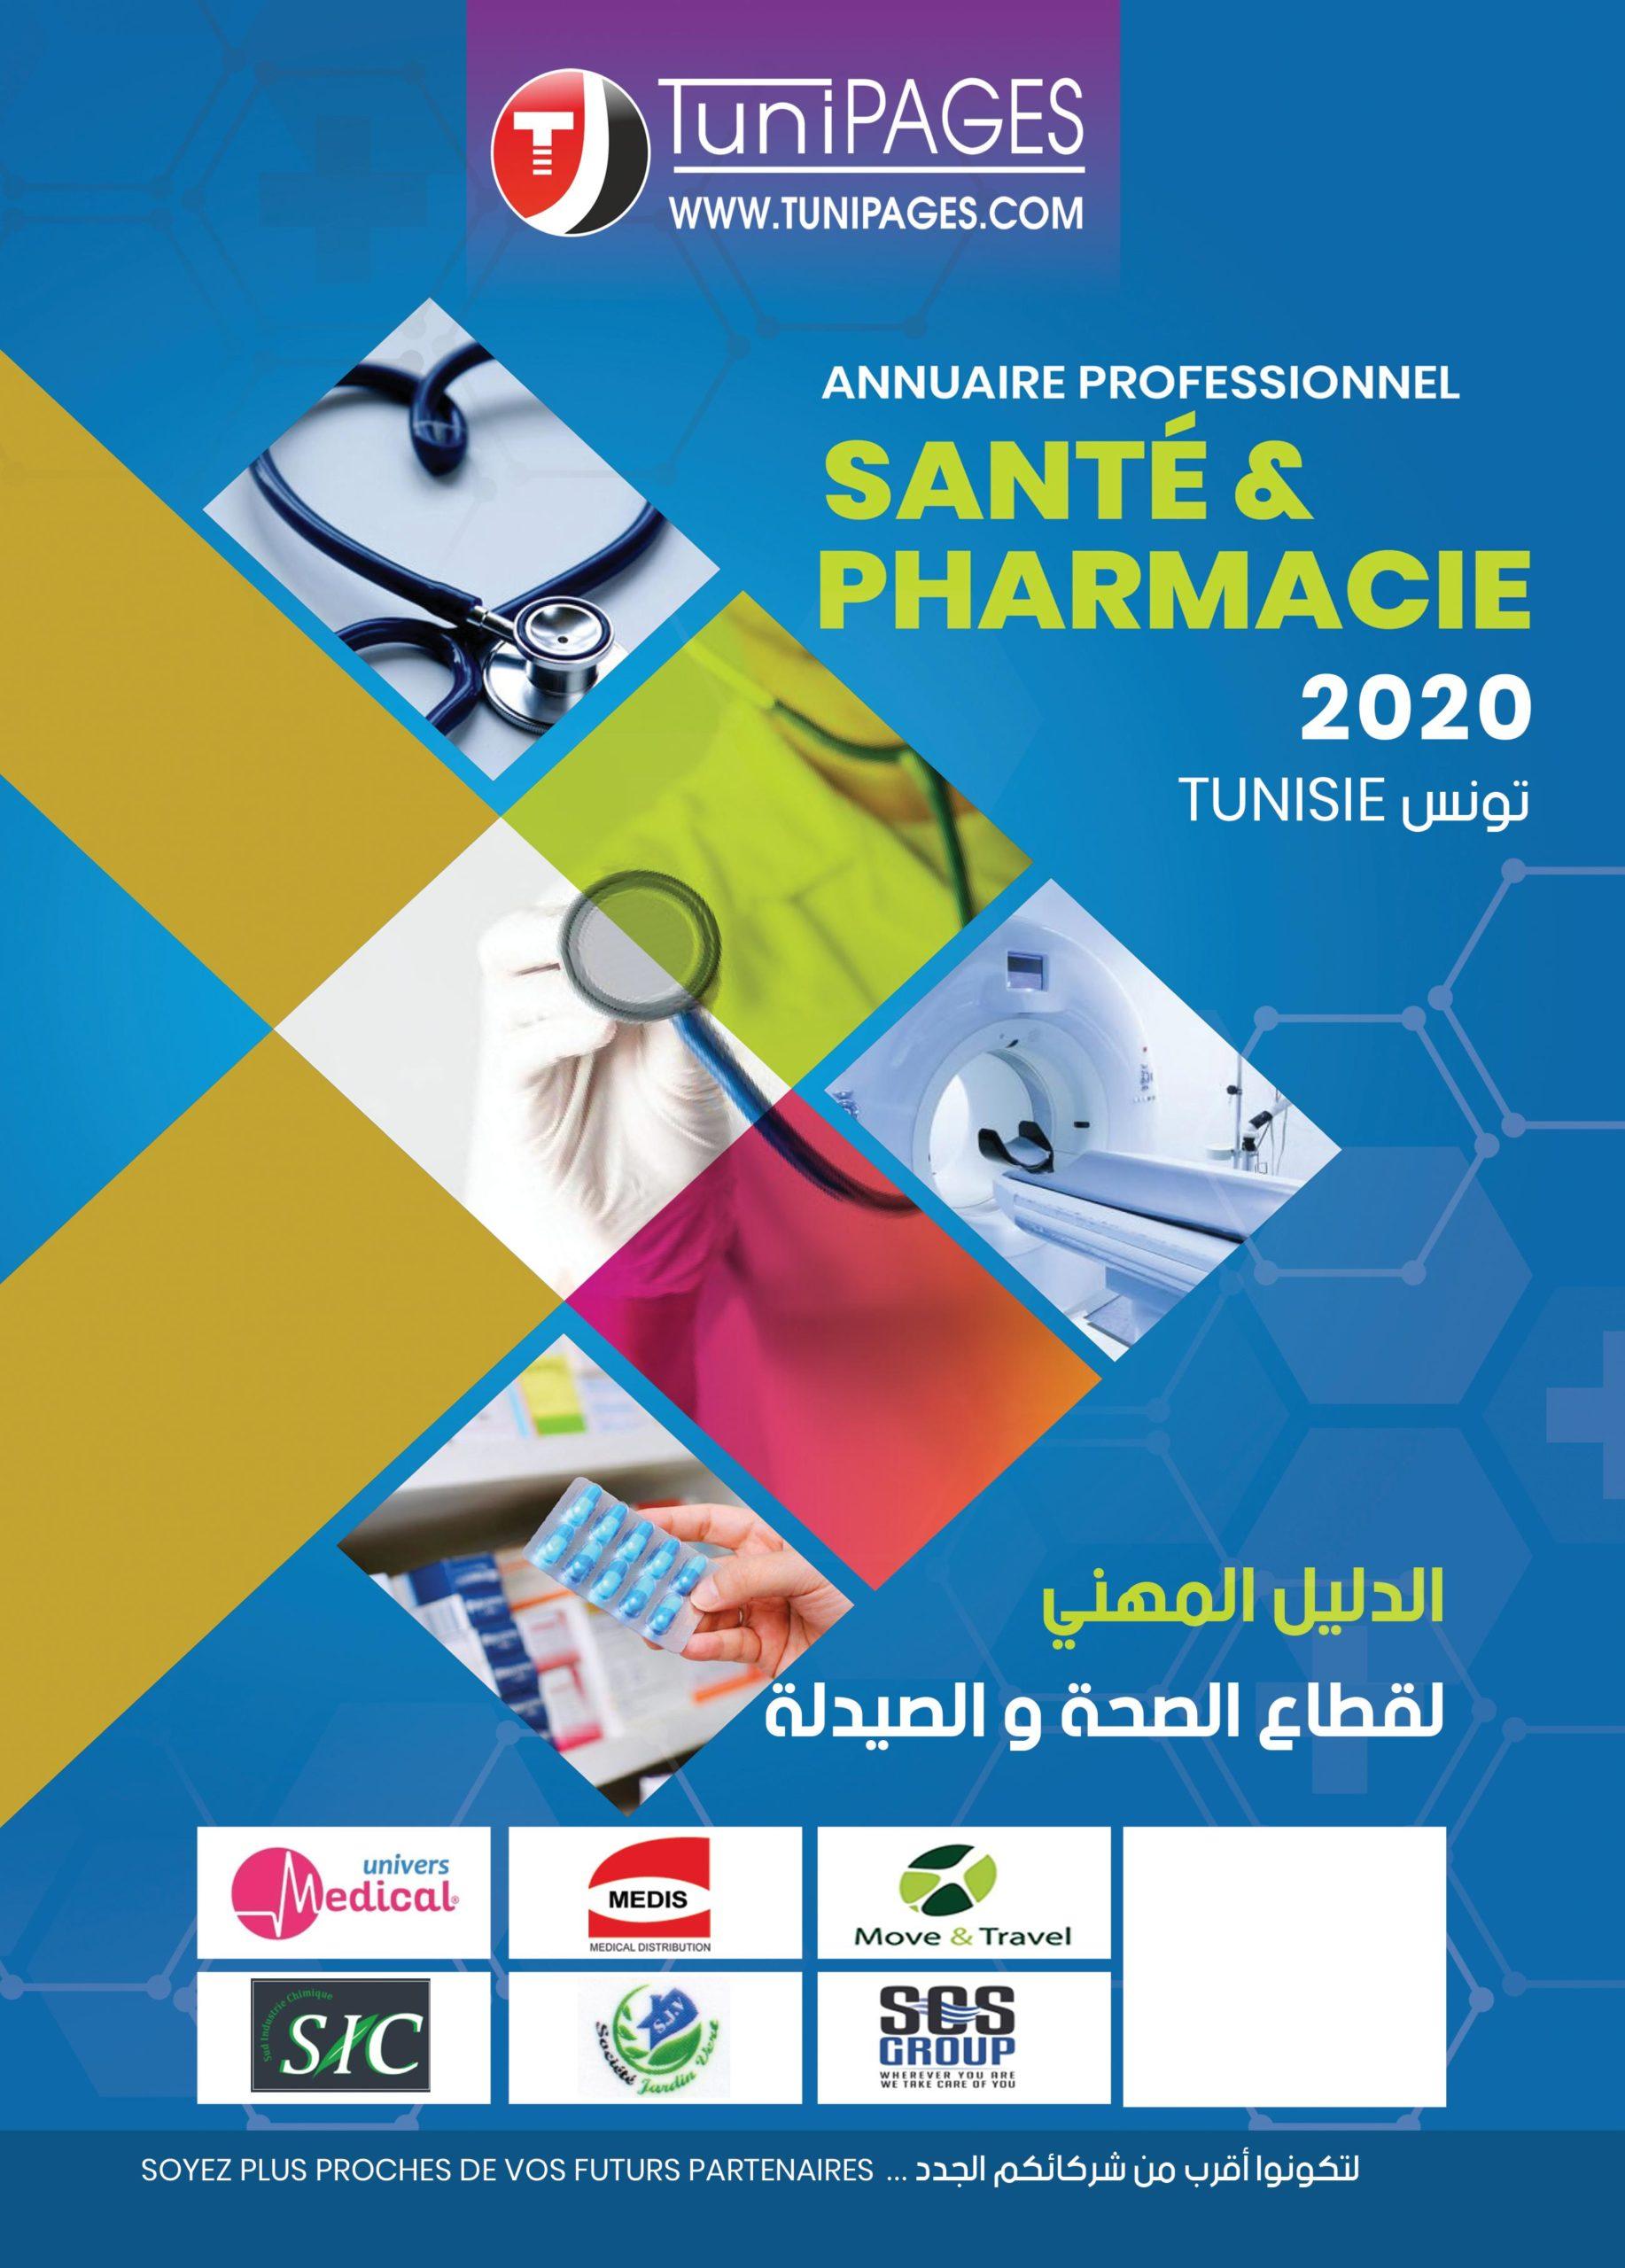 Annuaire Professionnel Santé & Pharmacie